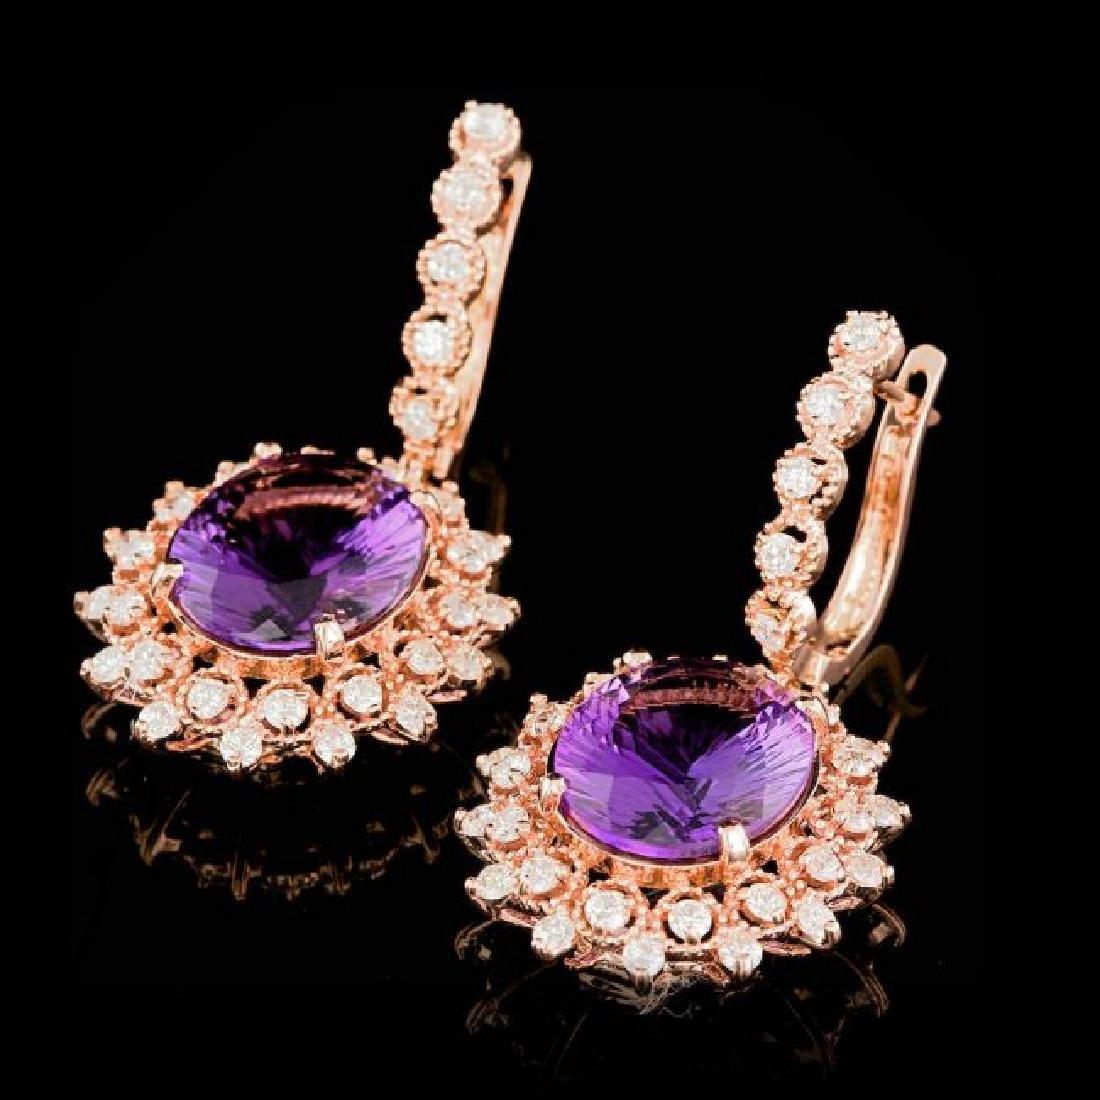 14k Rose 10.00ct Amethyst 1.85ct Diamond Earrings - 3